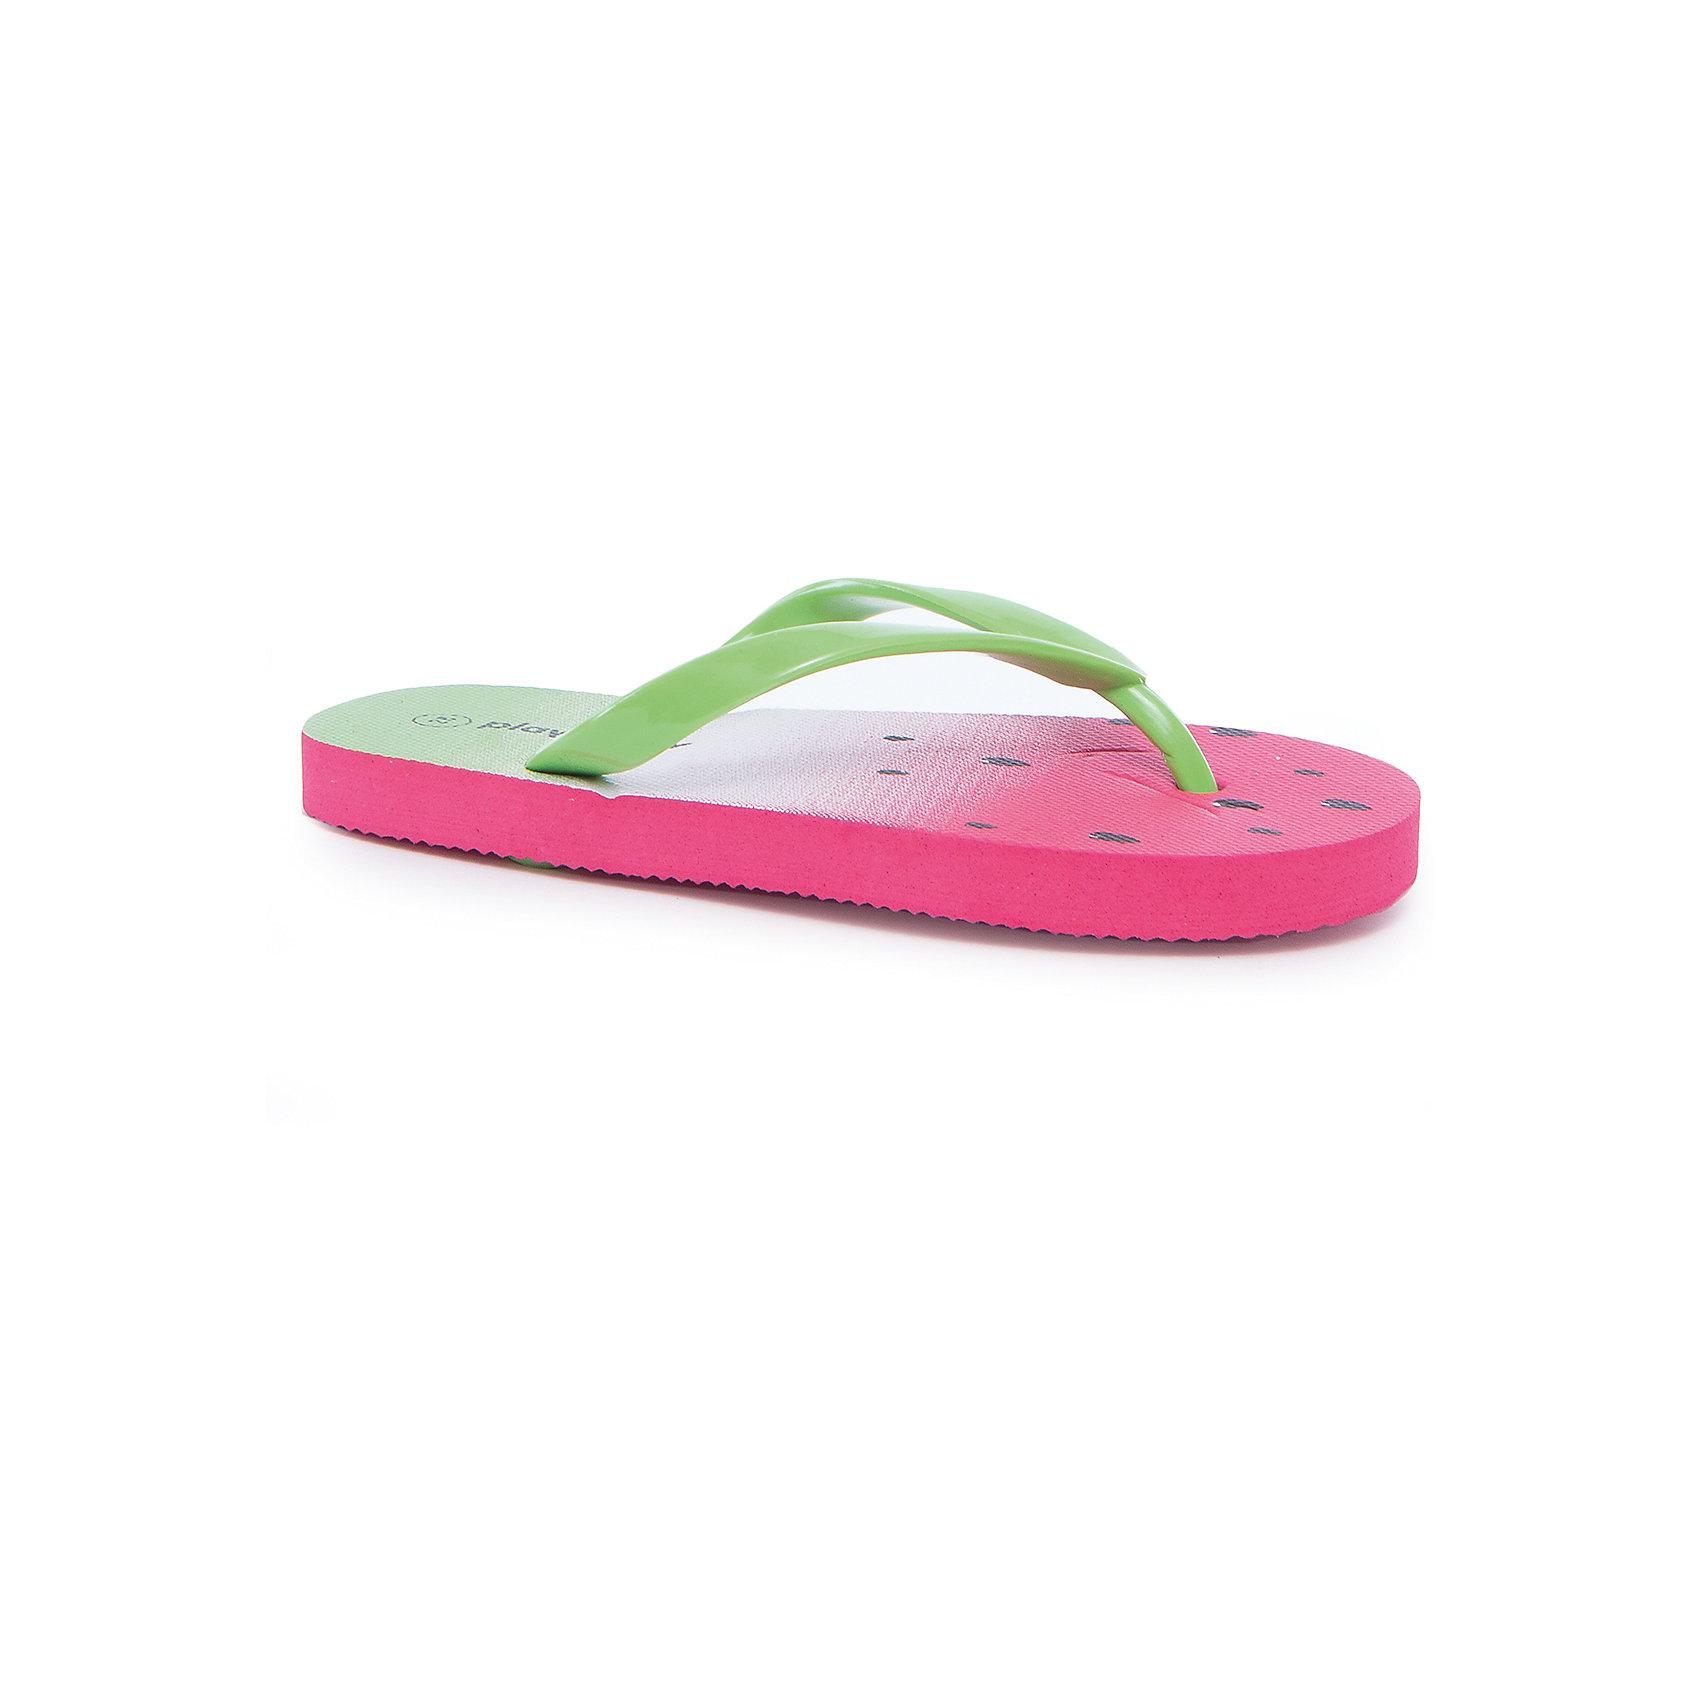 Шлепанцы для девочки PlayTodayПляжная обувь<br>Пантолеты для девочки PlayToday<br>Модель выполнена из мягкого водонепроницаемого материала. Контрасный сочный рисунок подошвы выгодно отличает данное изделие.<br>Состав:<br>100% поливинилхлорид<br><br>Ширина мм: 225<br>Глубина мм: 139<br>Высота мм: 112<br>Вес г: 290<br>Цвет: разноцветный<br>Возраст от месяцев: 120<br>Возраст до месяцев: 132<br>Пол: Женский<br>Возраст: Детский<br>Размер: 34,33,28,29,30,31,32<br>SKU: 5404580